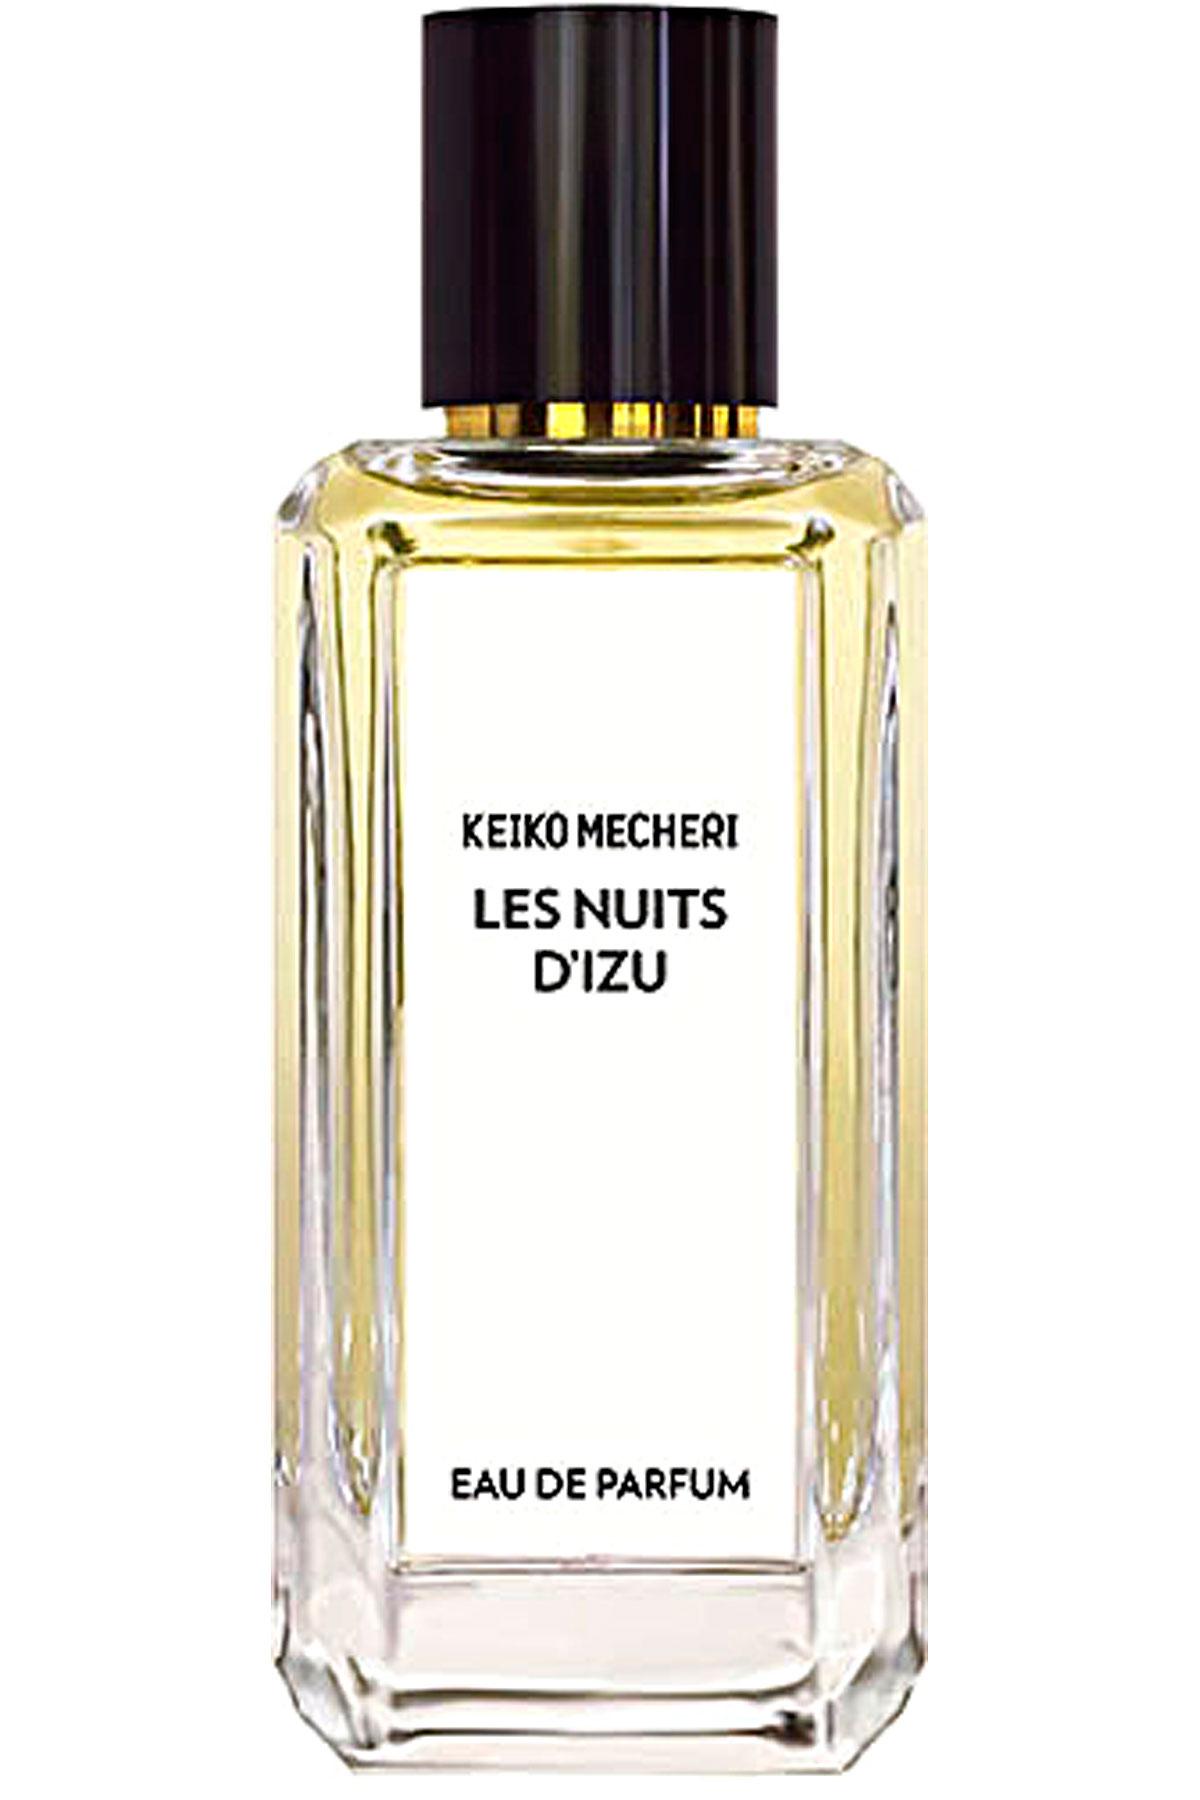 Keiko Mecheri Fragrances for Men, Les Nuit D Izu - Eau De Parfum - 100 Ml, 2019, 100 ml